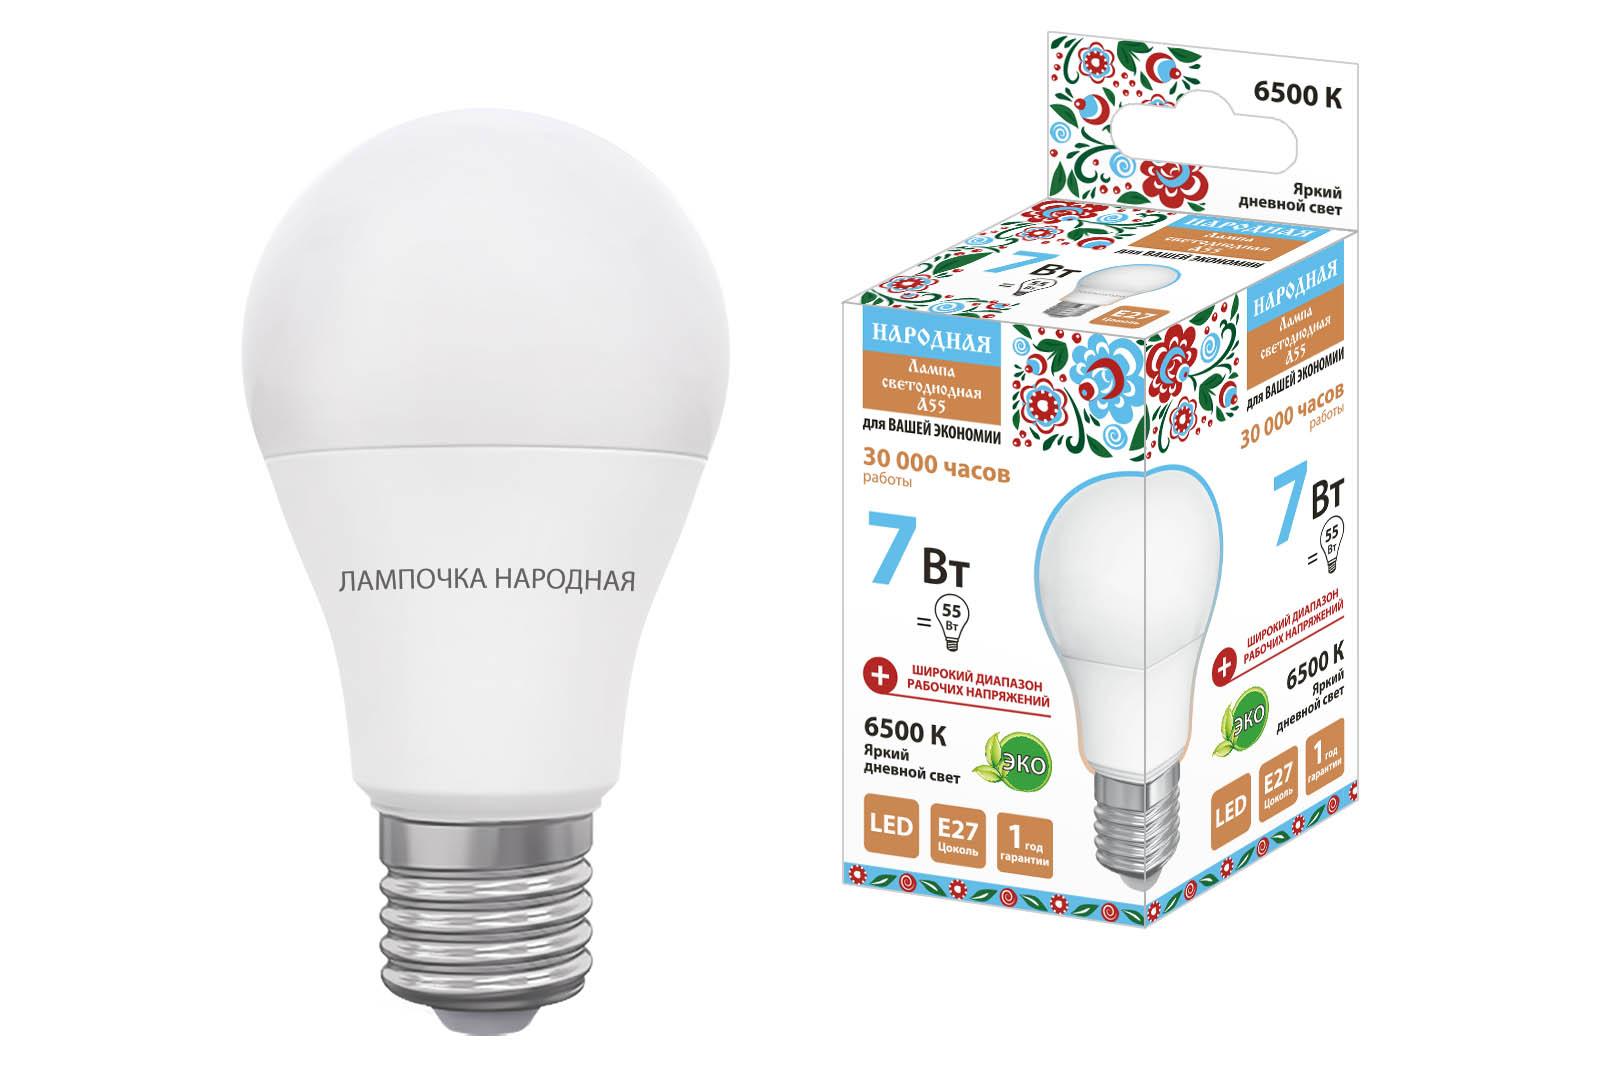 Фото Лампа светодиодная НЛ-LED-A55-7 Вт-230 В-6500 К-Е27, (55х98 мм), Народная {SQ0340-1507}